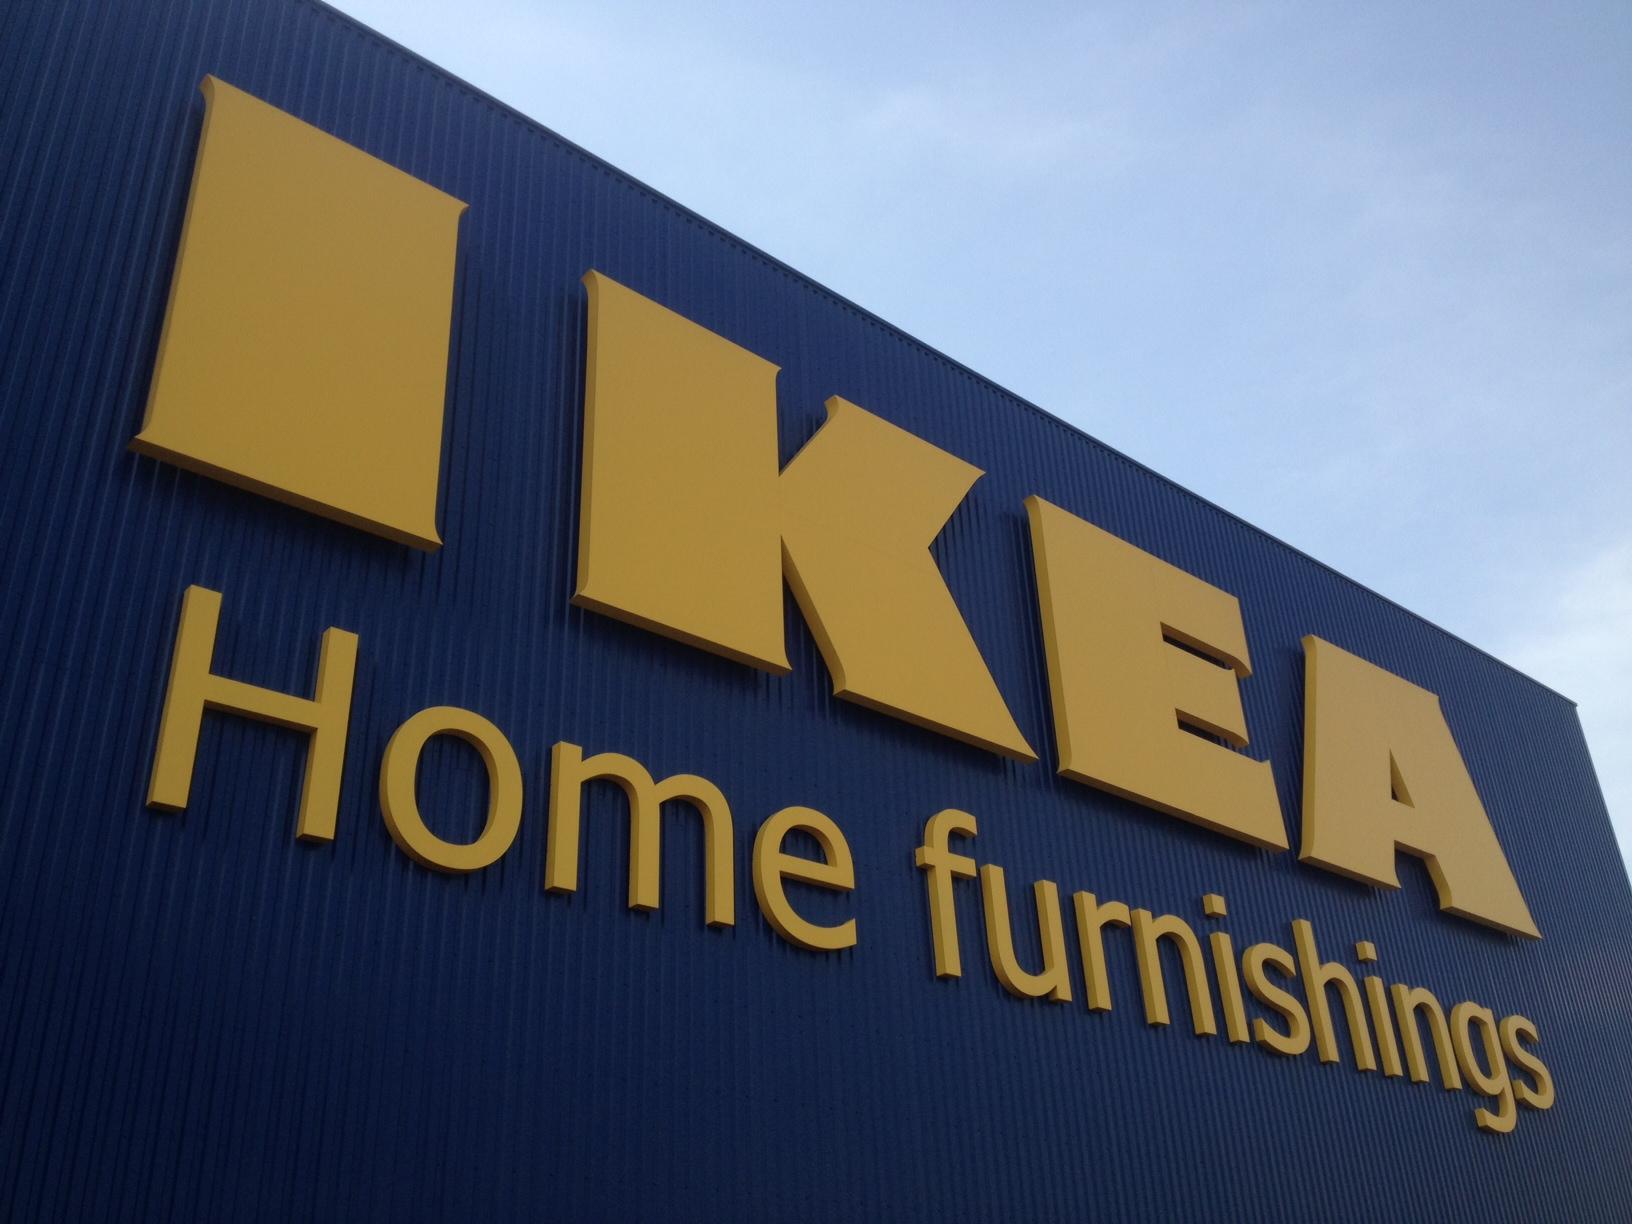 IKEA_b0199365_17235920.jpg